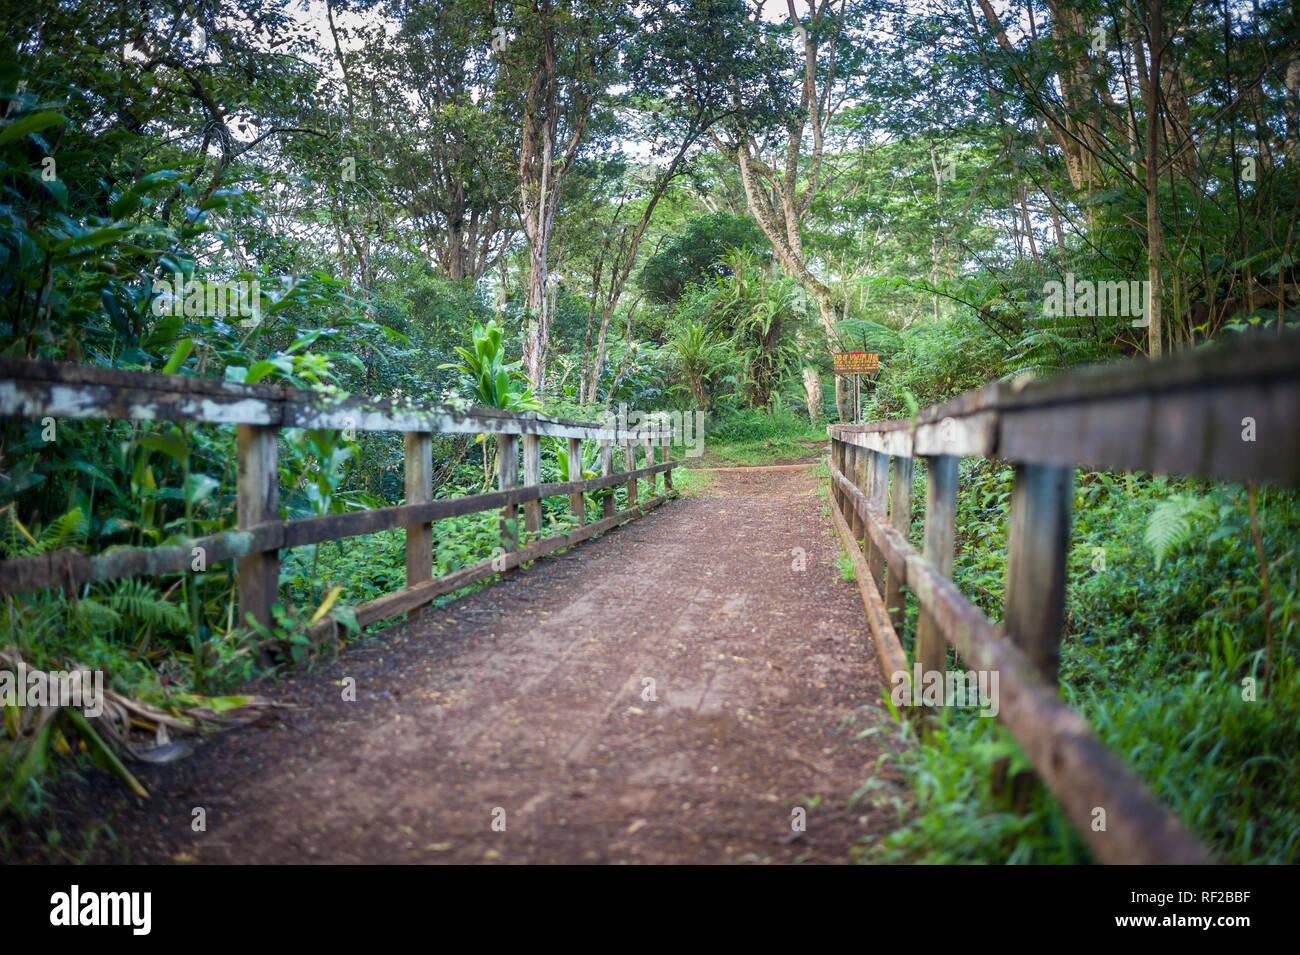 Die Kuilau Ridge Trail erforscht von Kauai scenic gebirgigen Inneren in Hawaii, United States. Stockfoto